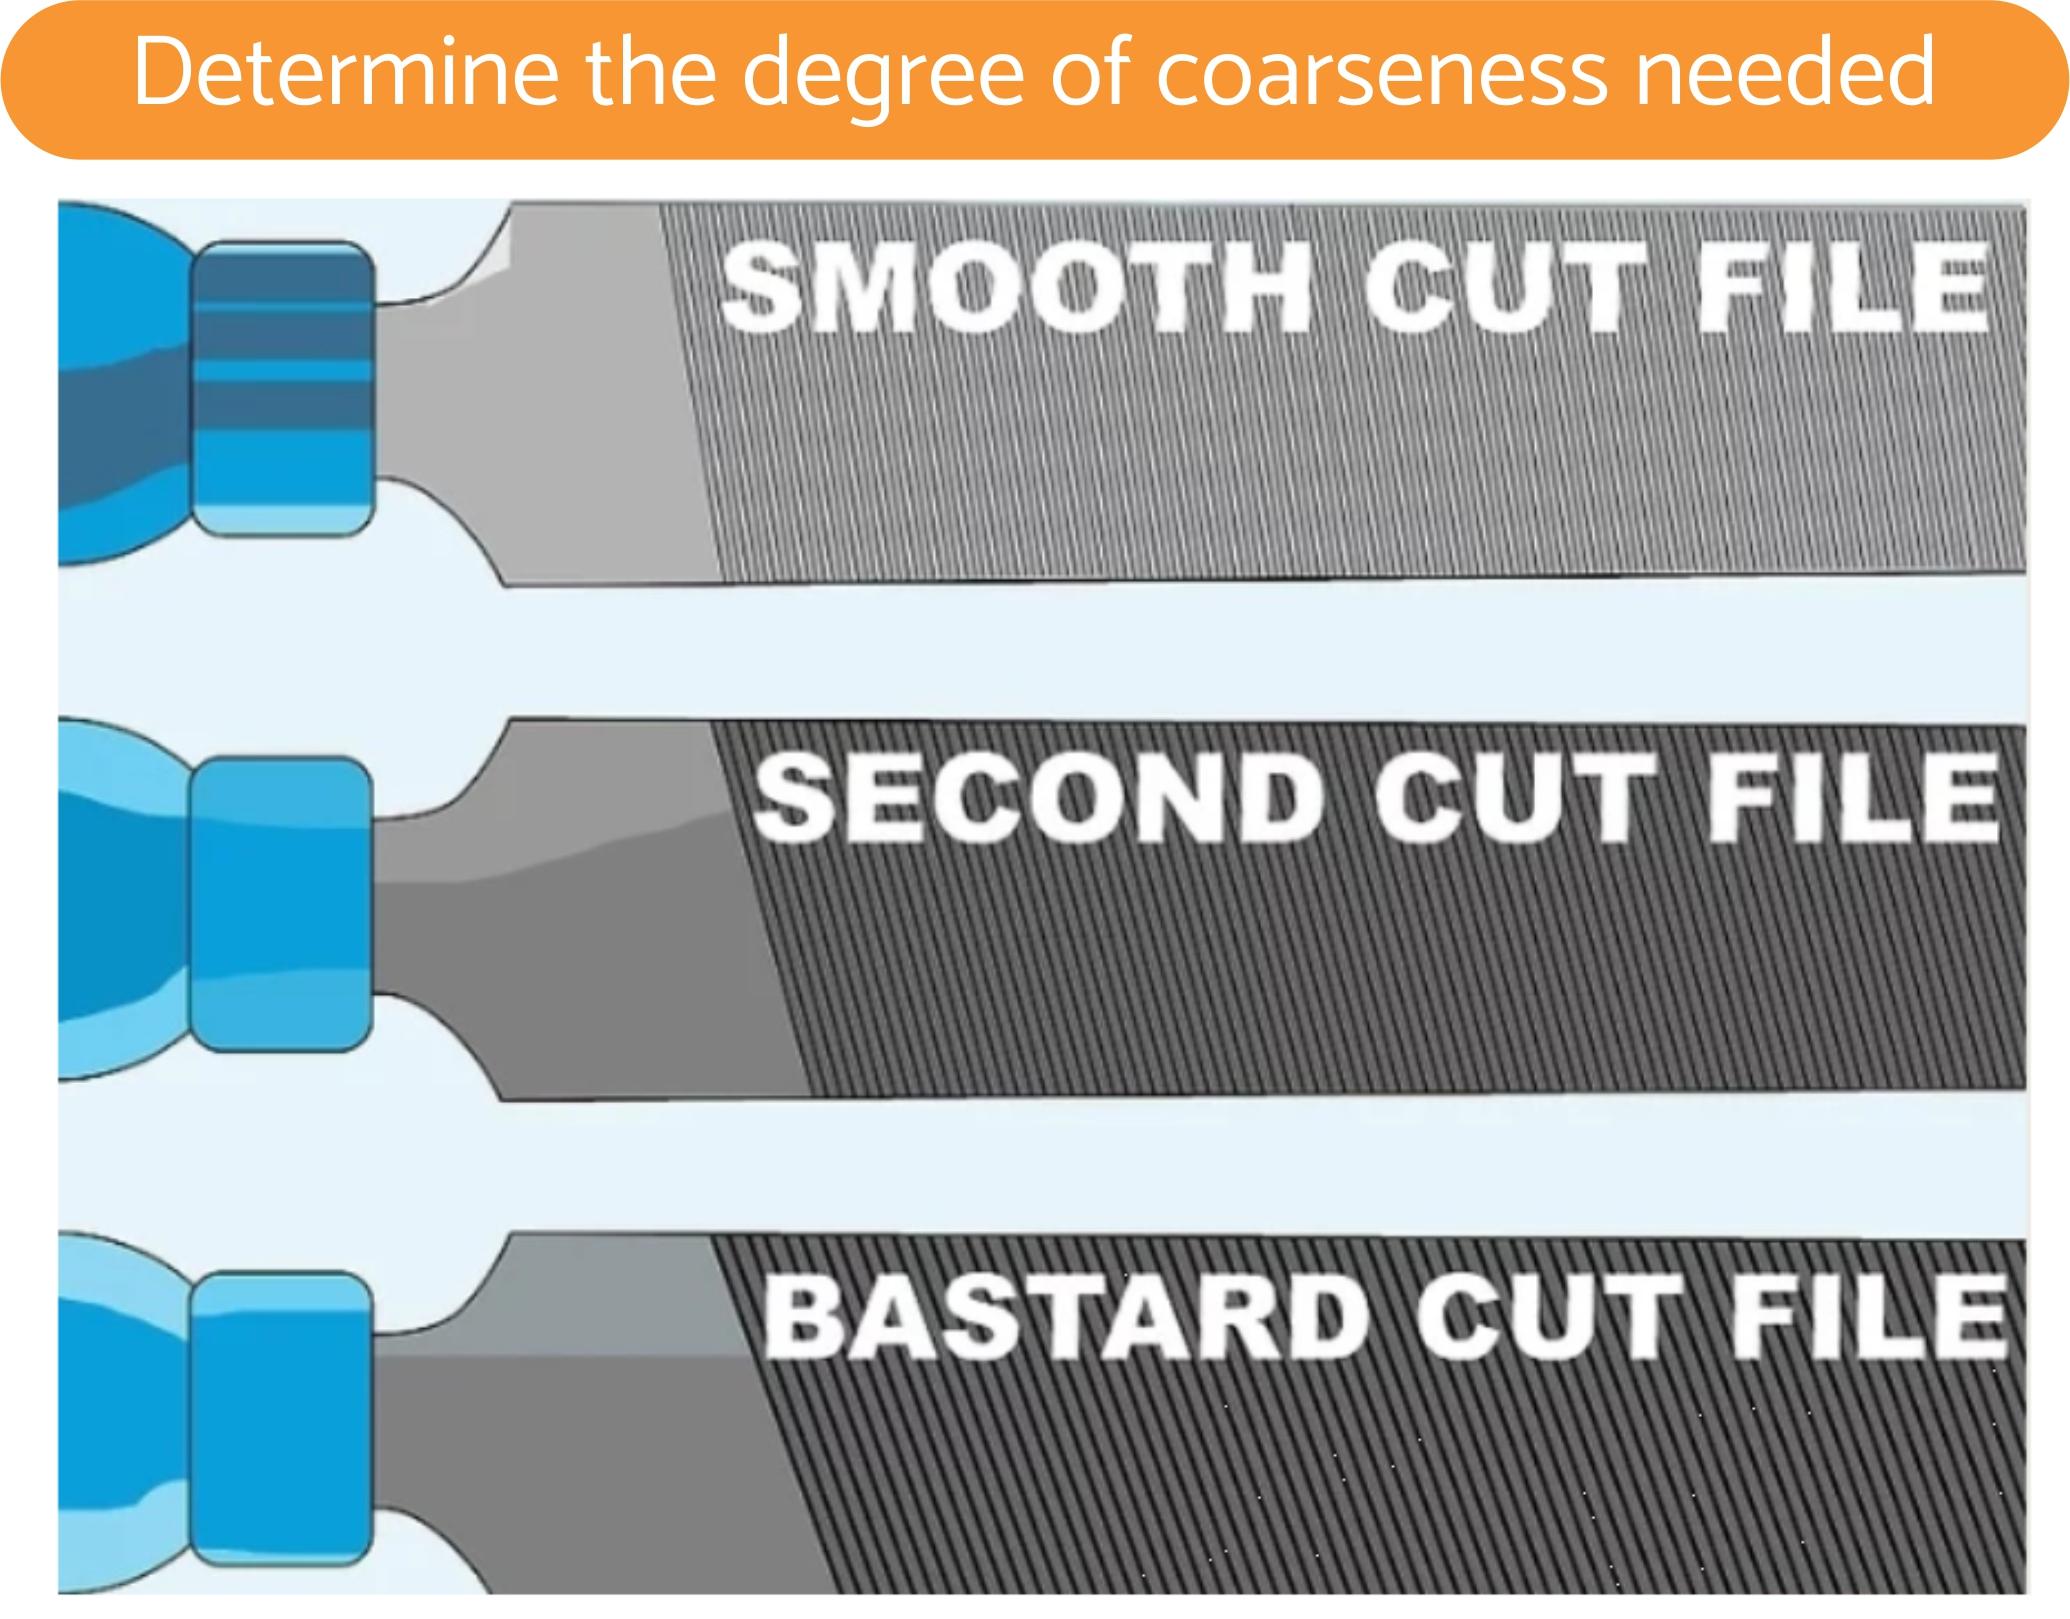 Determine the degree of coarseness needed